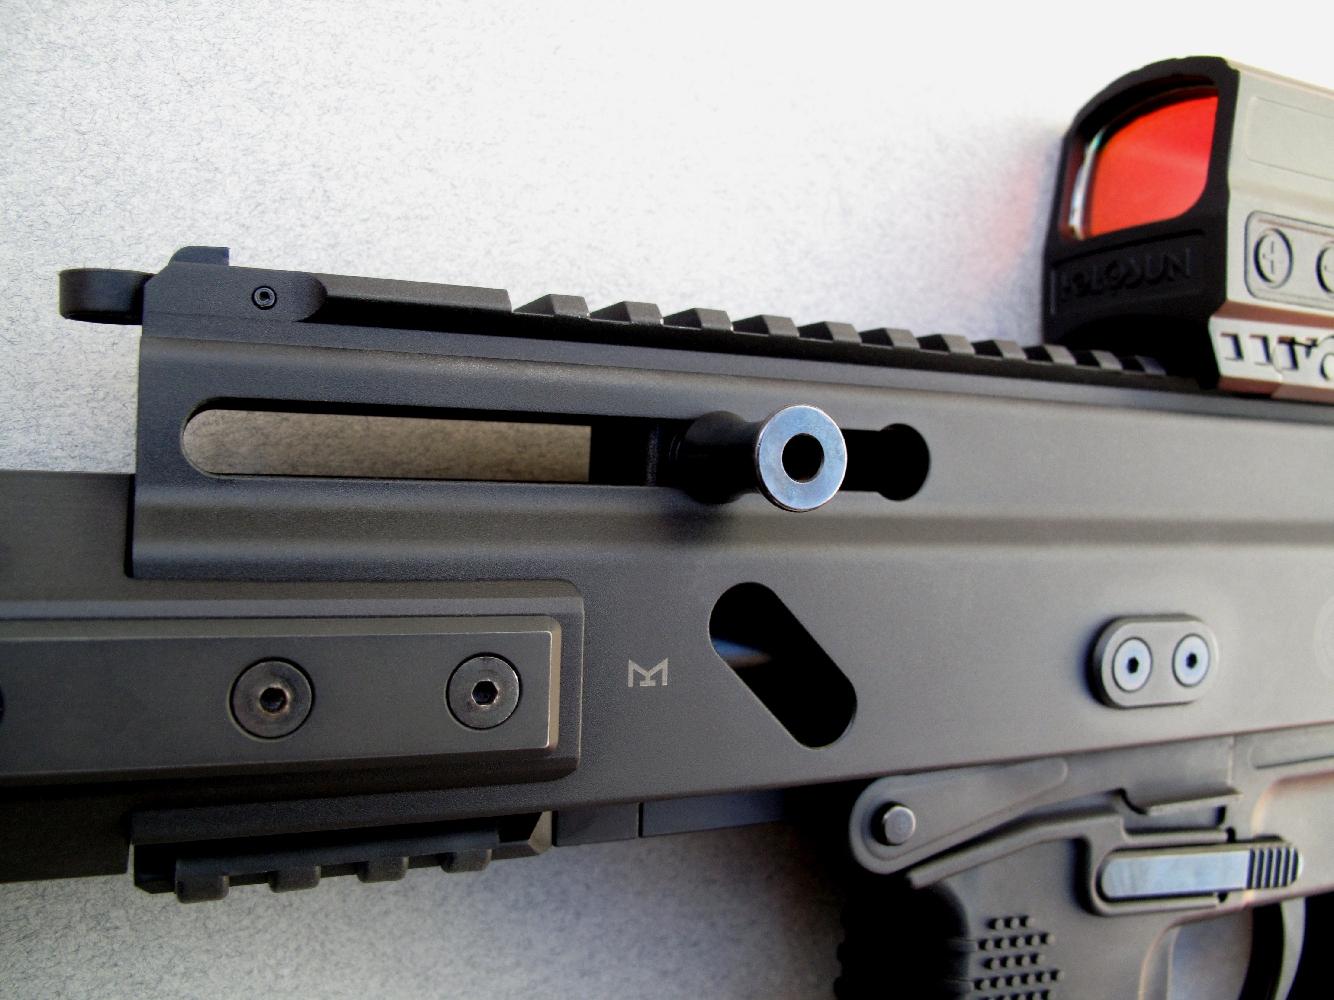 Le levier d'armement présente un double avantage : il est réversible et il n'est pas solidaire de la culasse.